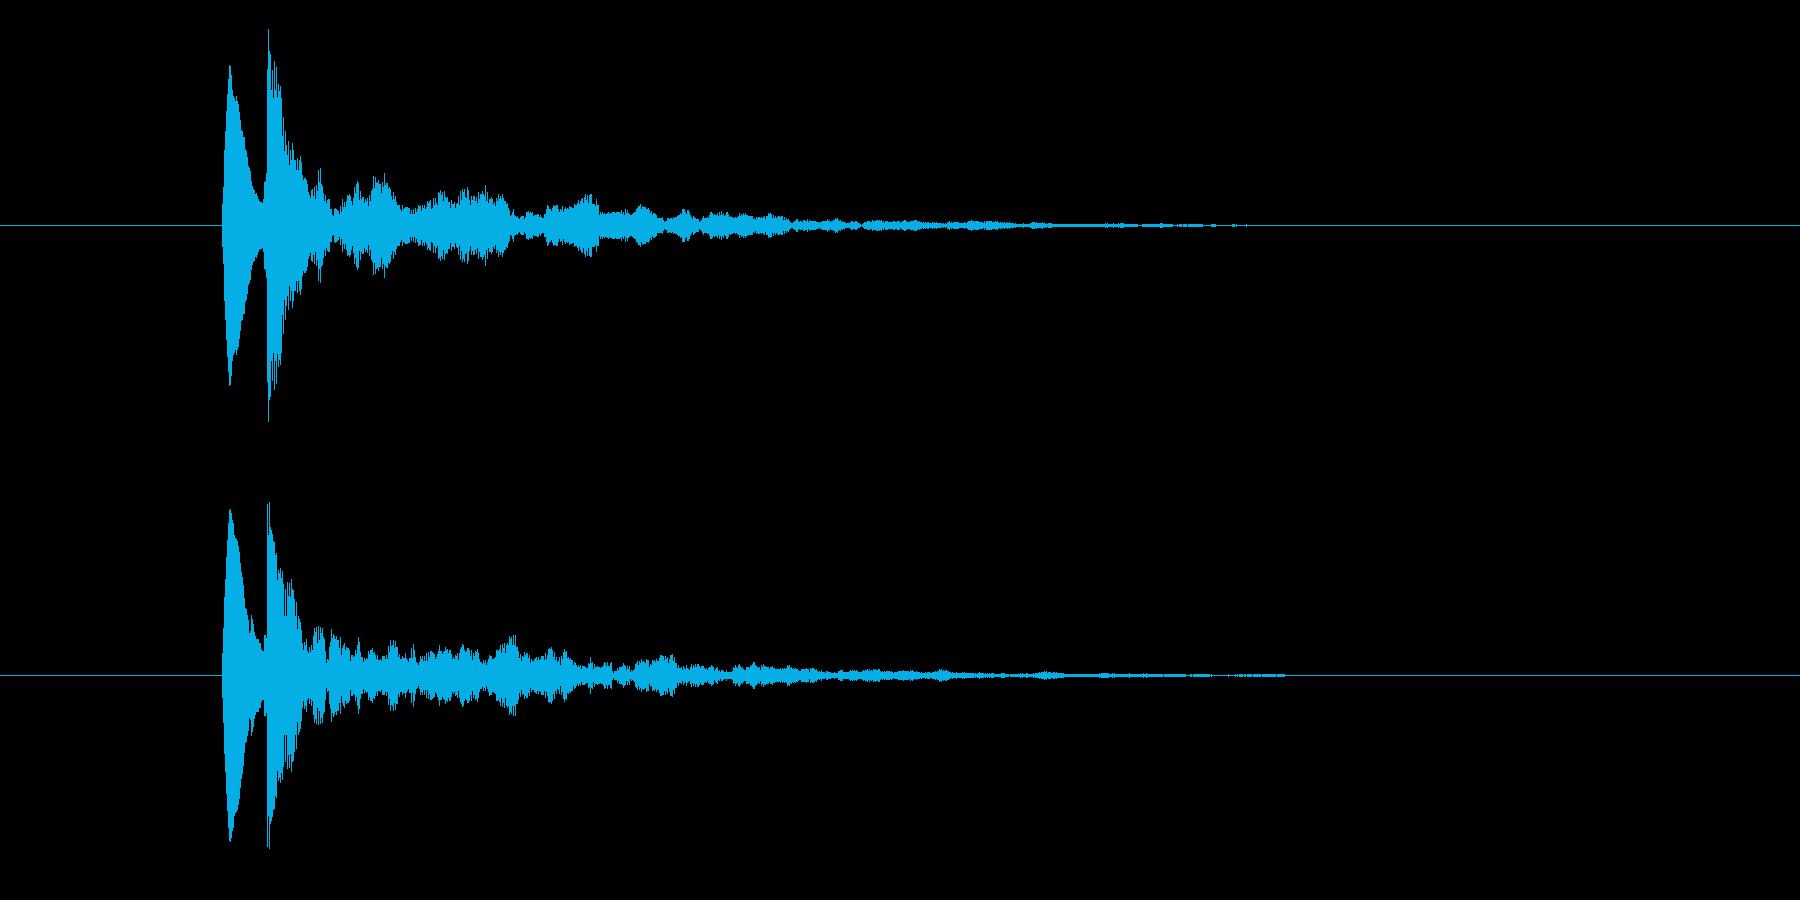 (ポロンッッ)アプリ起動音の再生済みの波形